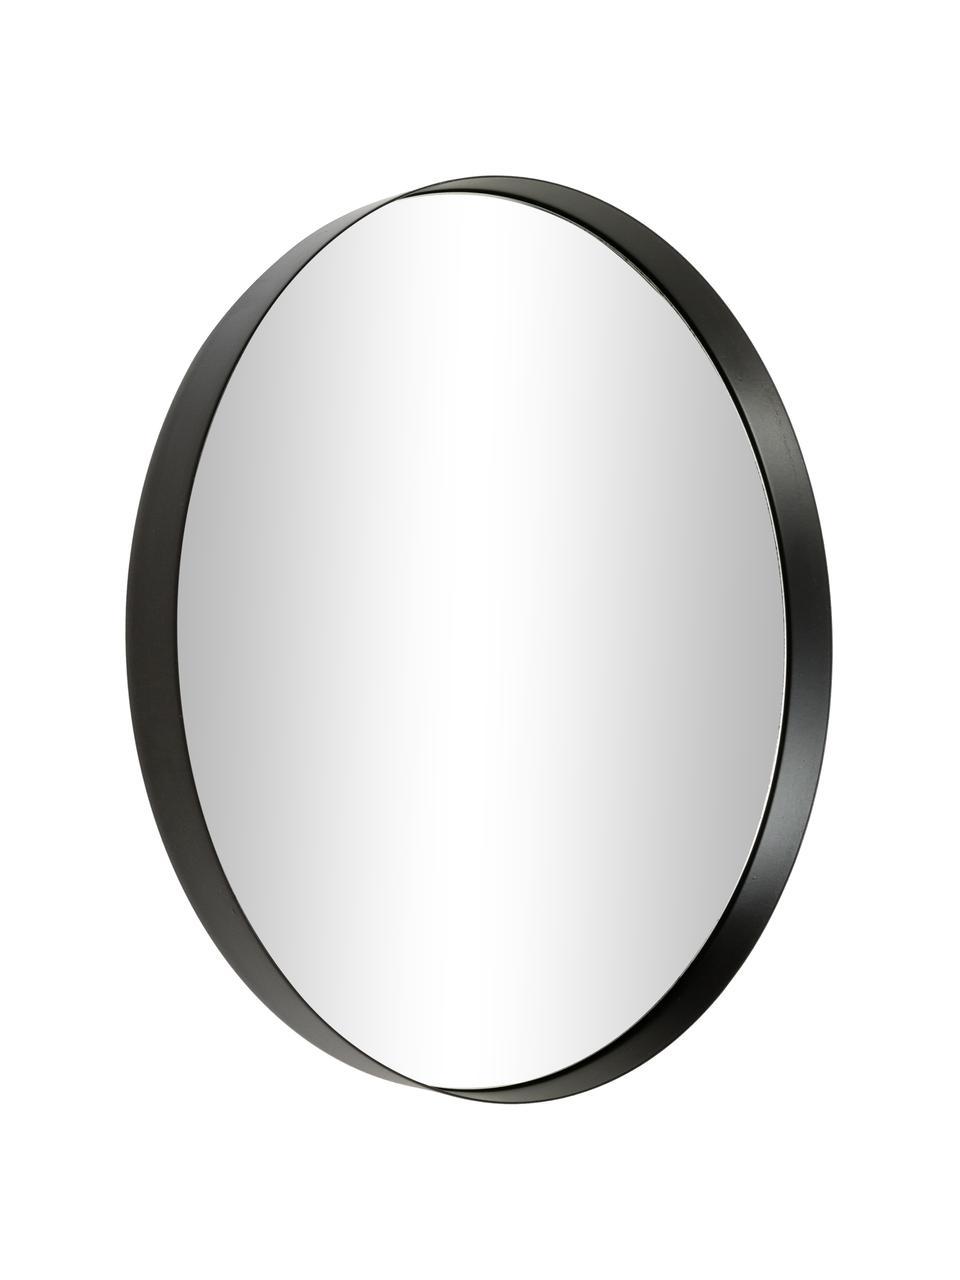 Miroir mural rond noir Metal, Cadre : noir Verre miroir